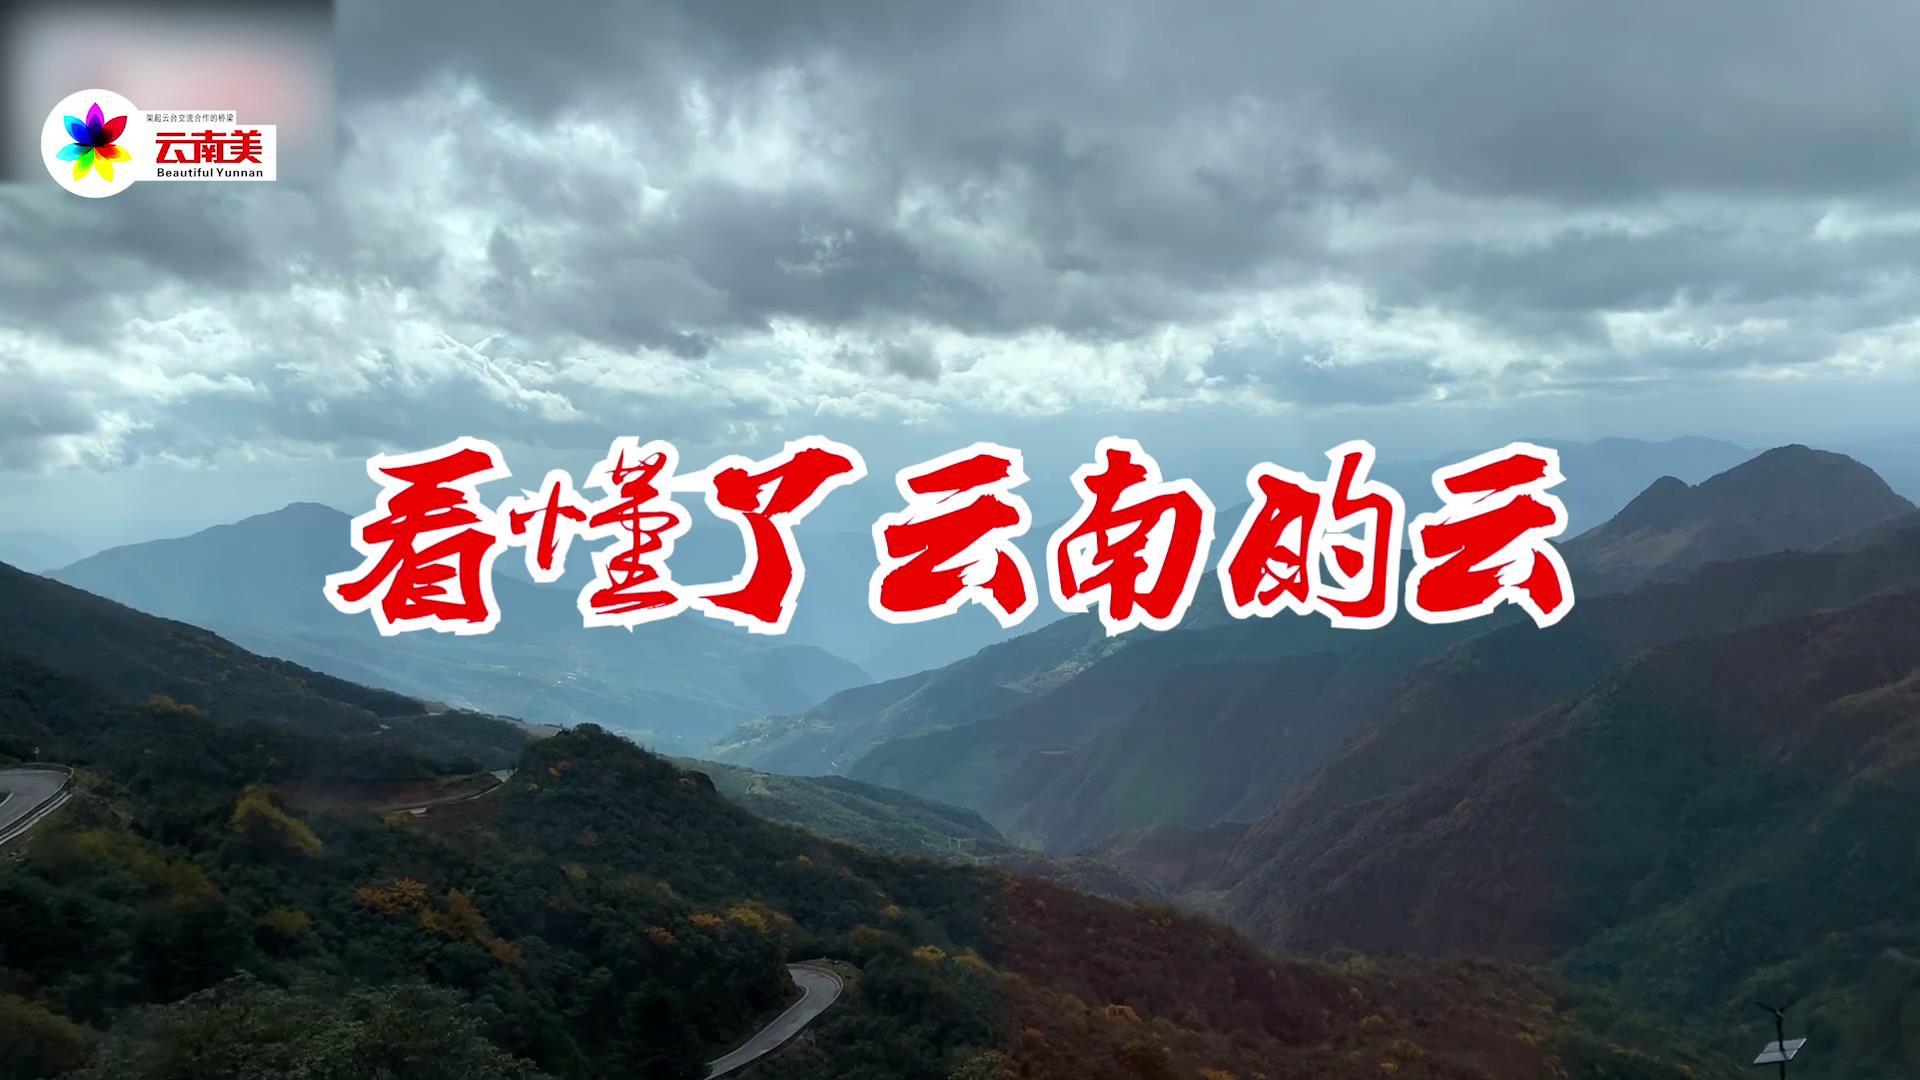 """""""看懂了云南的云 也就看懂了云南的美"""" 第三届云港澳台青年双创活动周图片"""